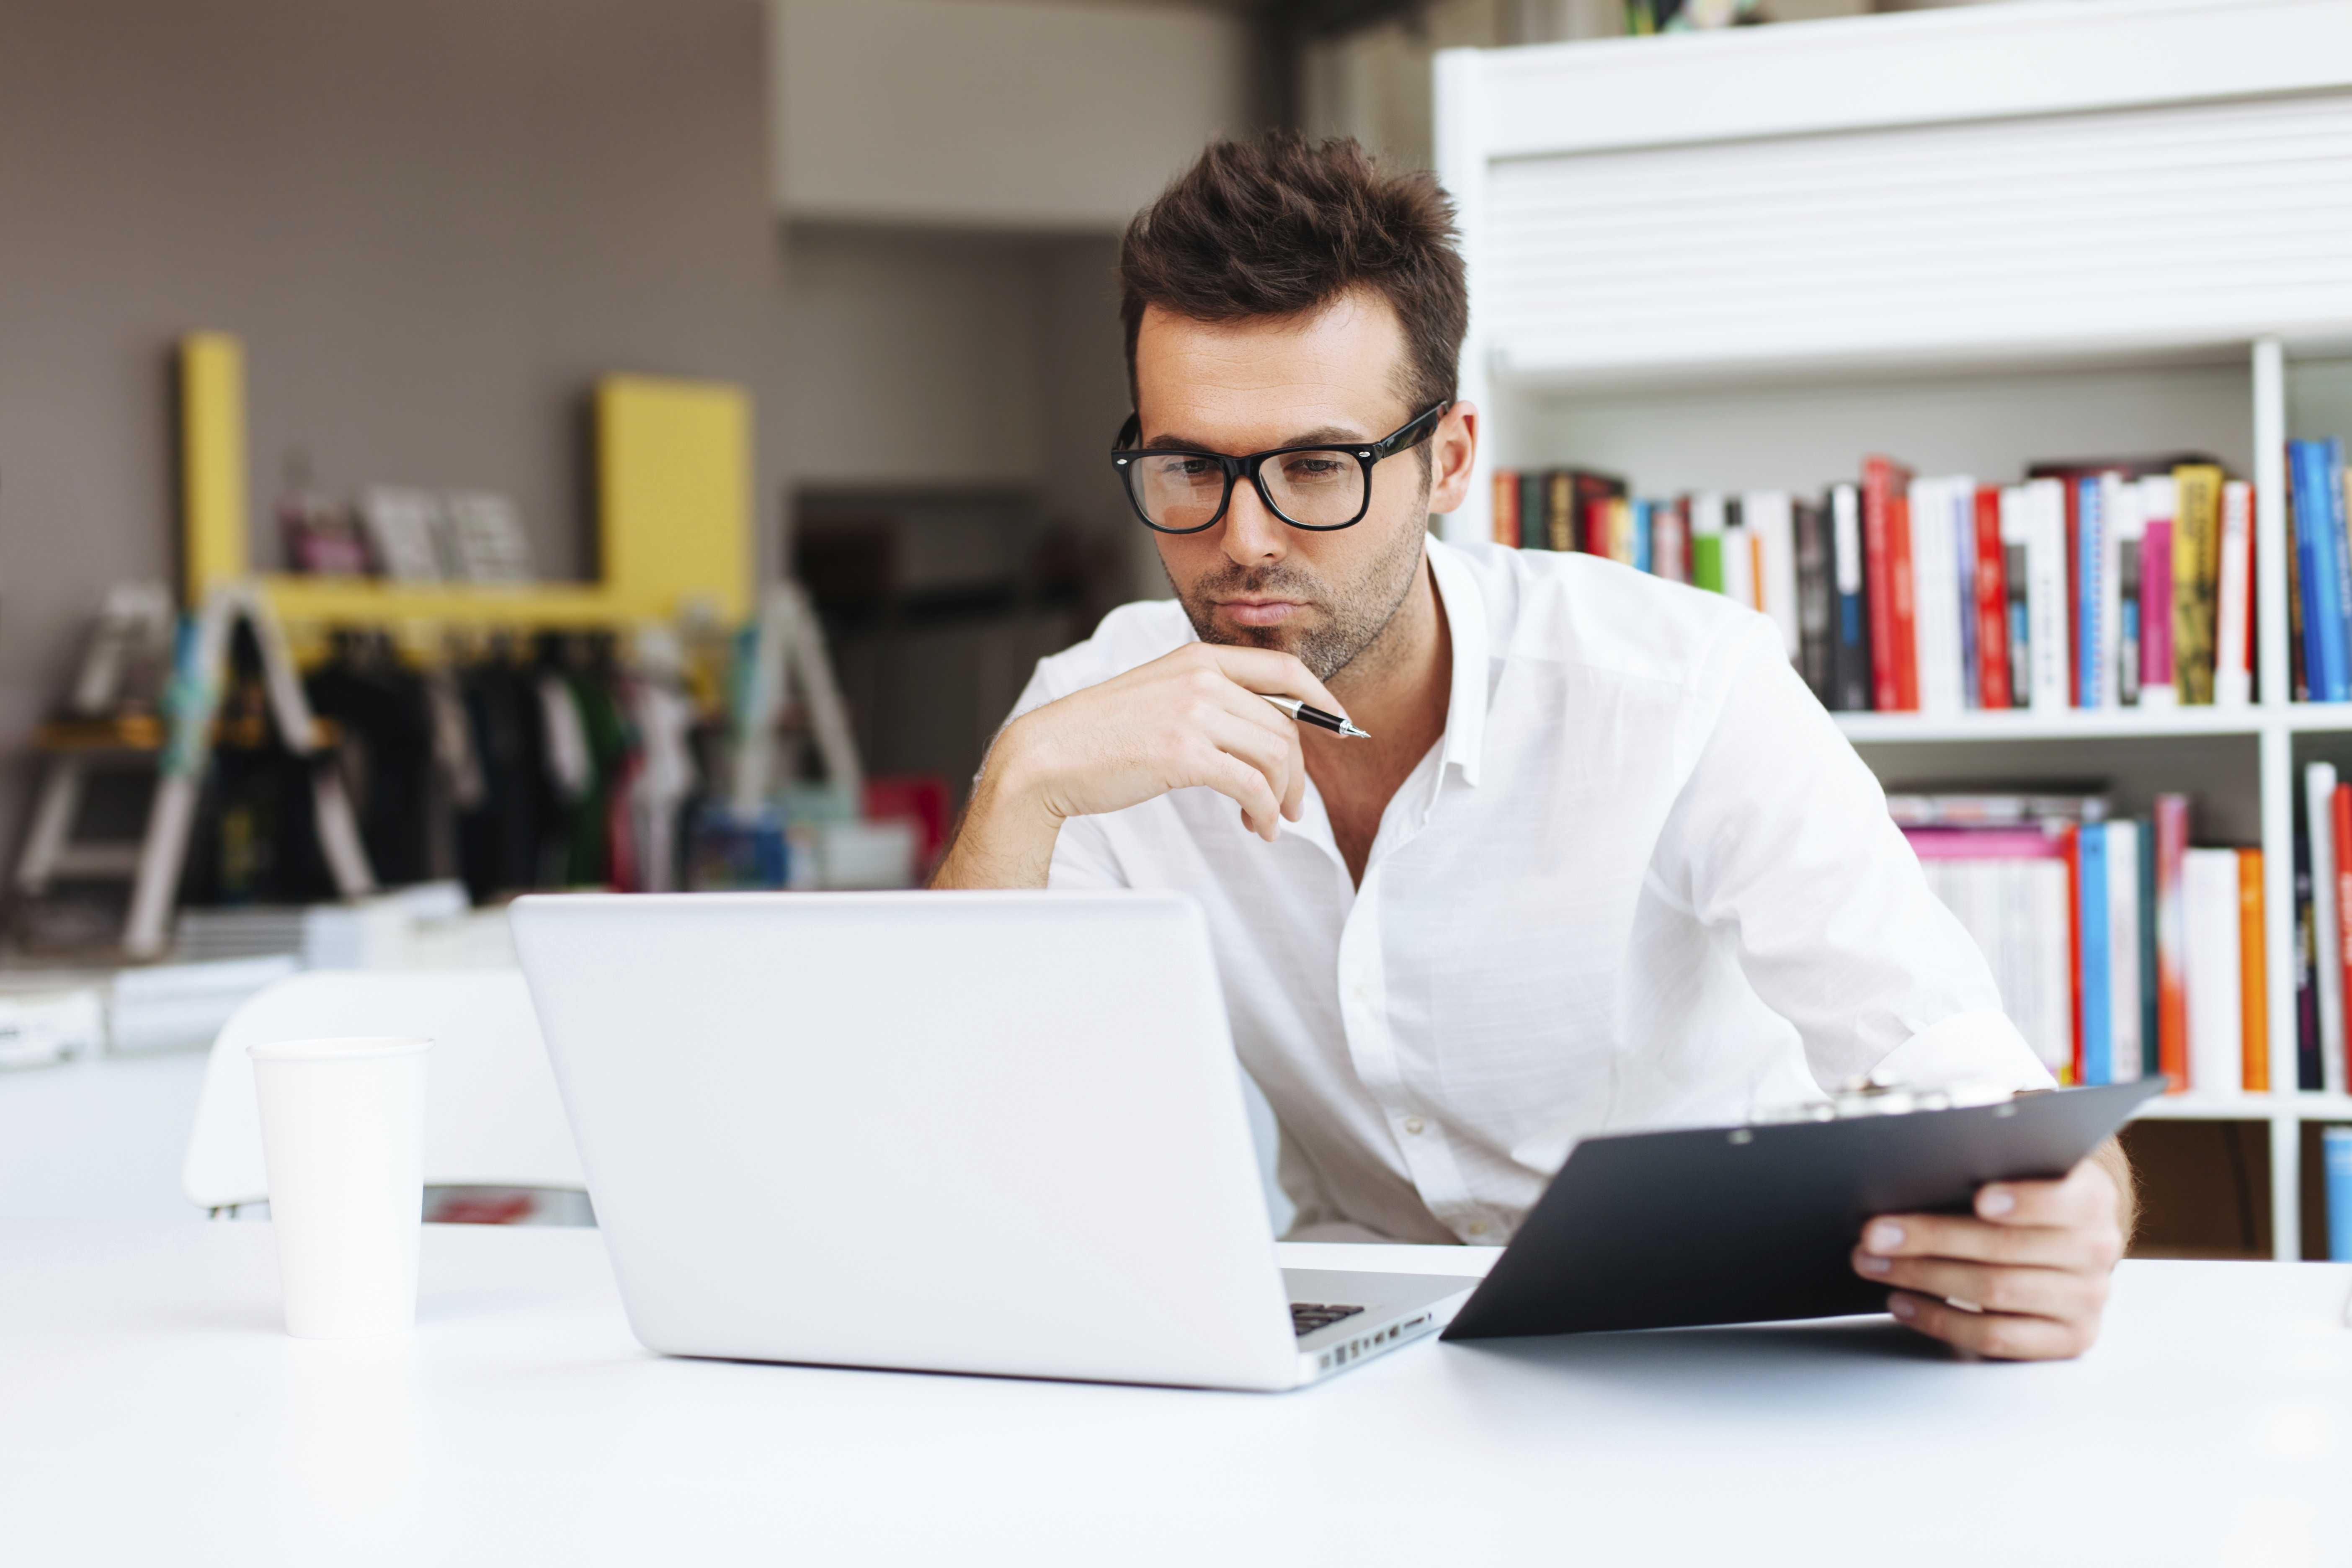 guy_on_laptop.jpg